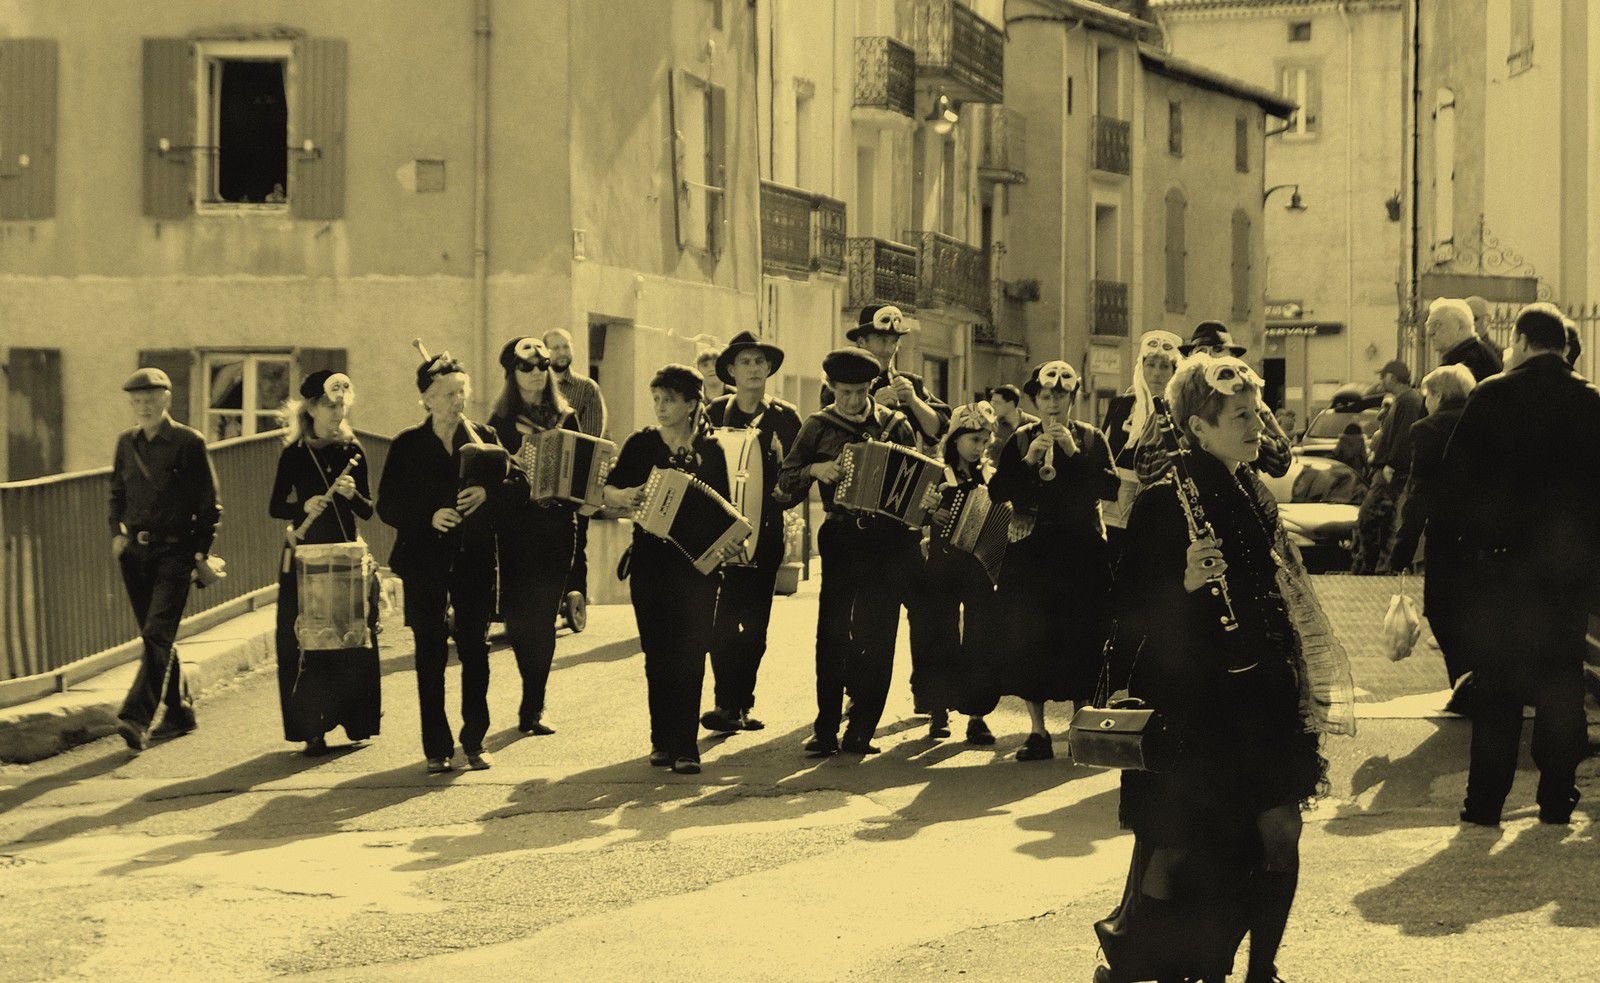 Vous souvenez-vous de ces défilés en musique dans les rues du village ?